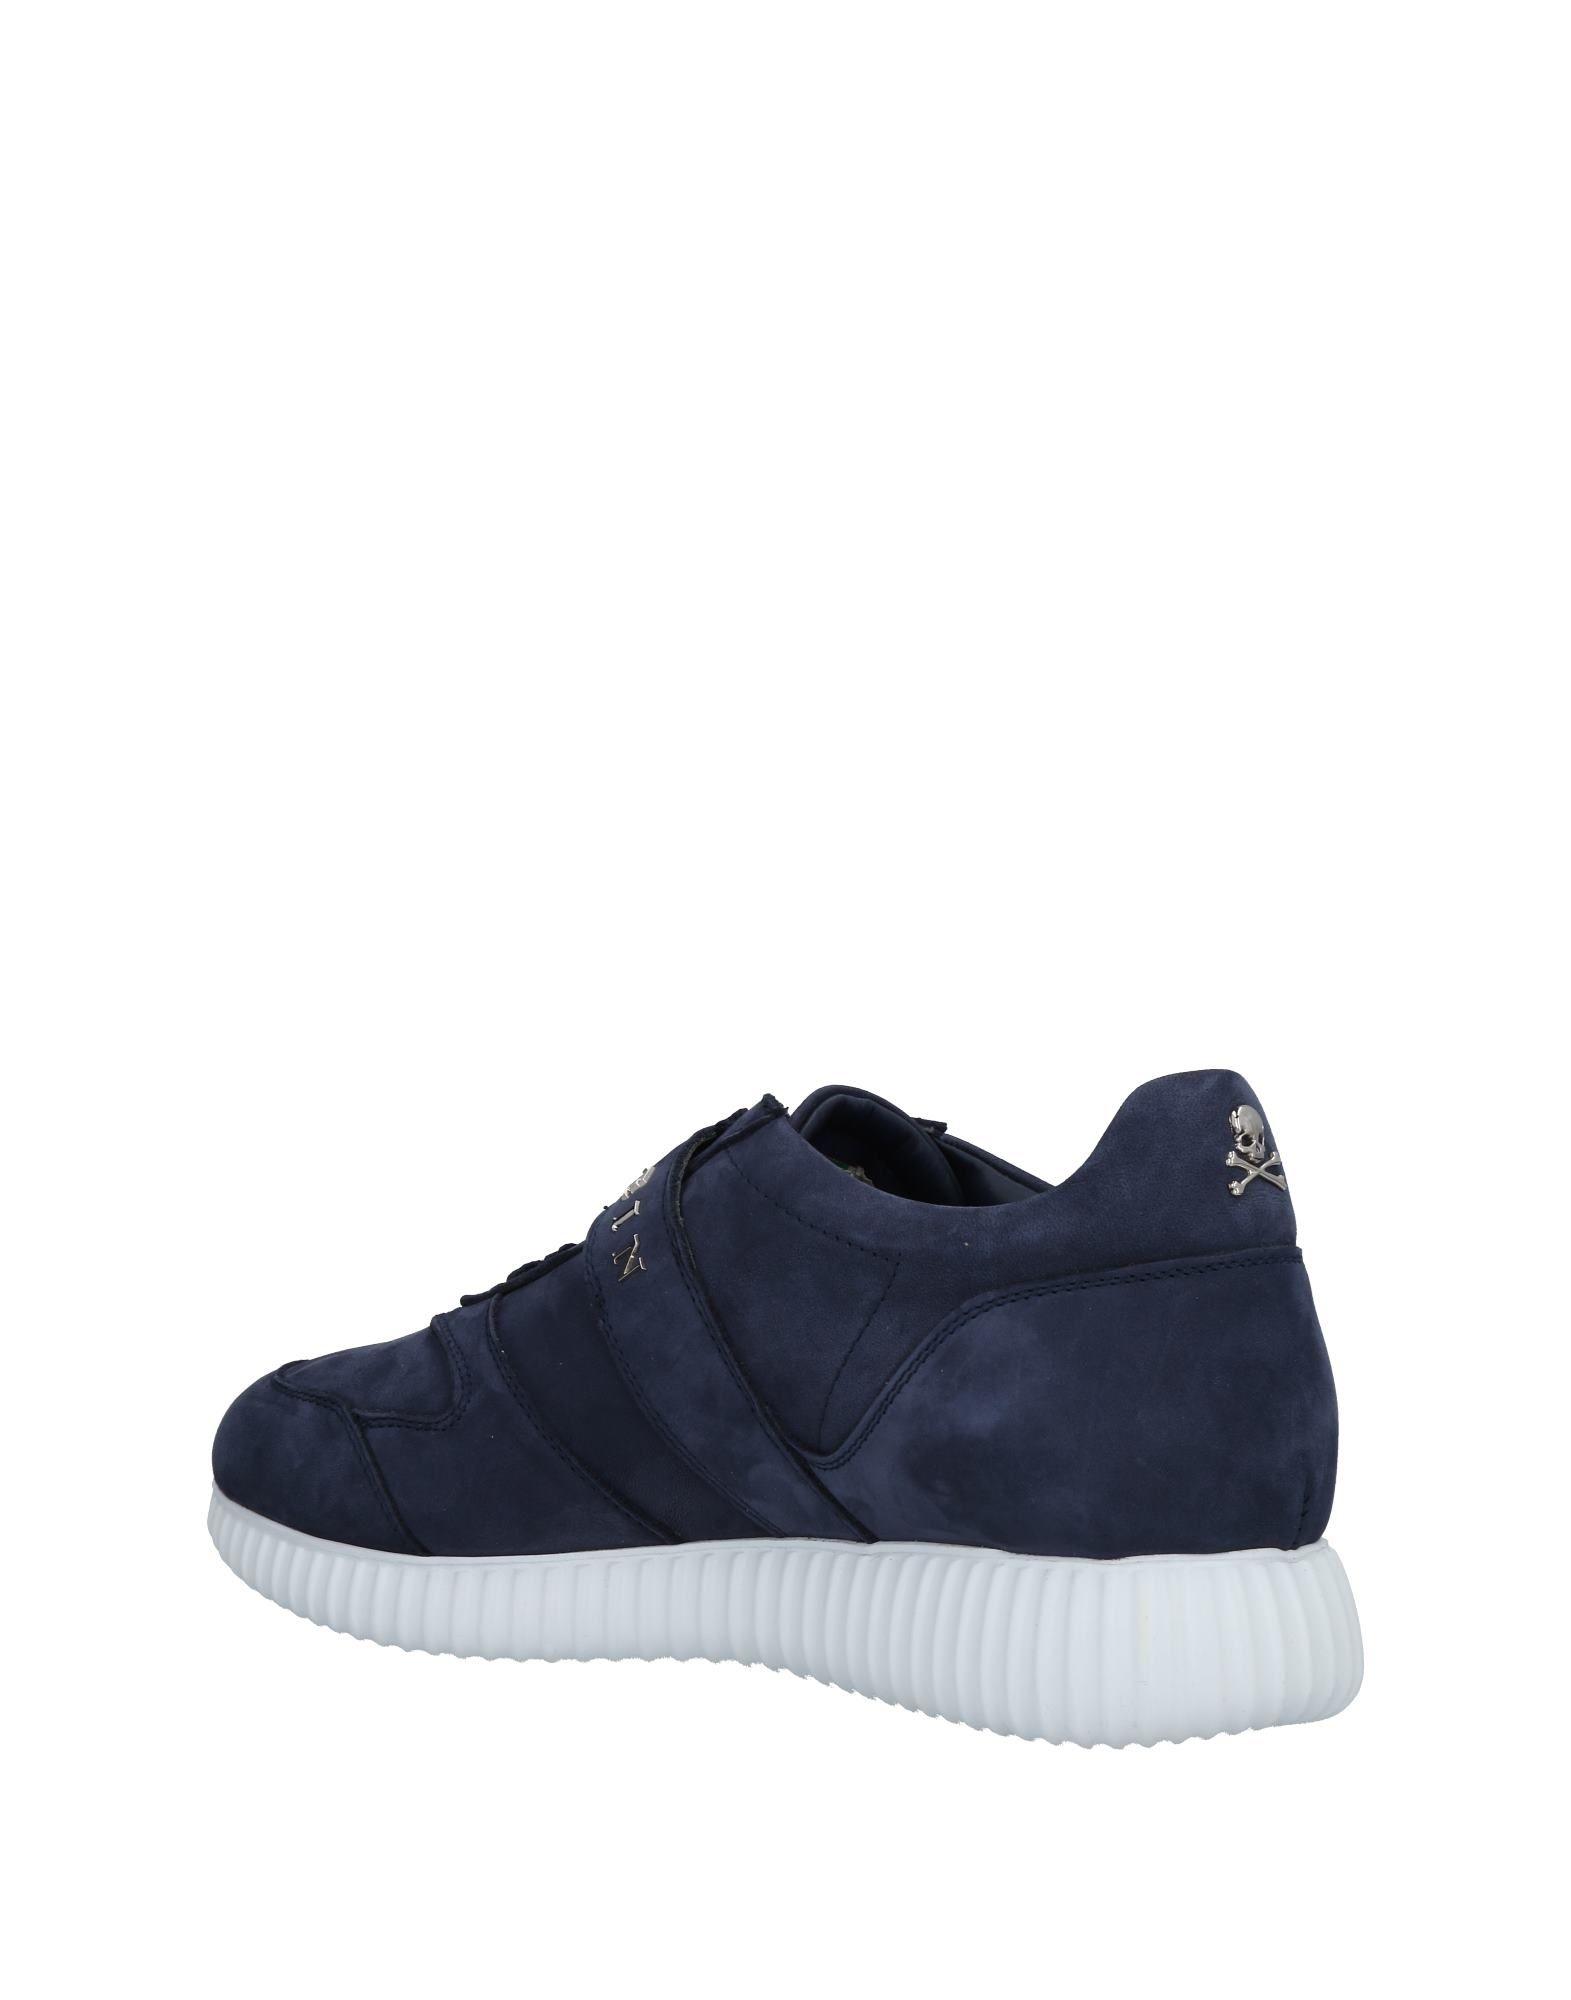 Philipp Plein Sneakers Herren  Schuhe 11479151RC Gute Qualität beliebte Schuhe  edc7db